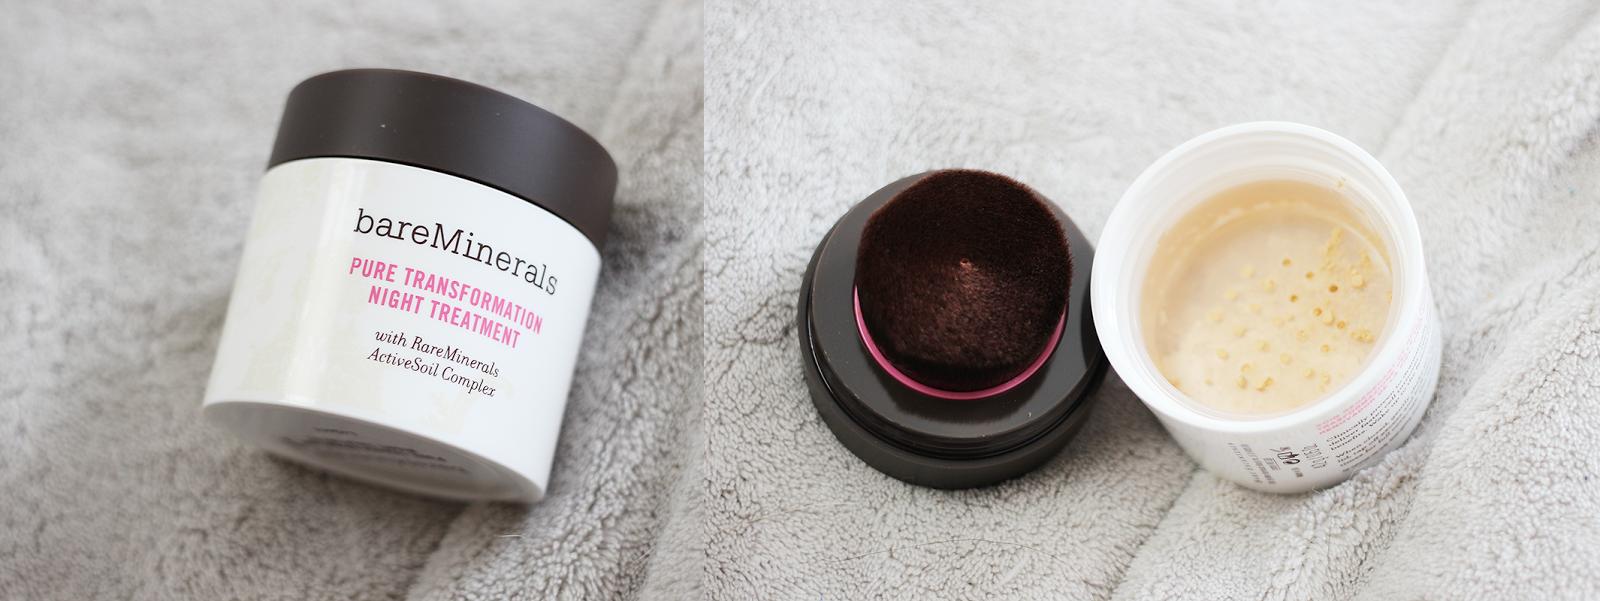 bare-minerals-pure-transformation-night-treatment